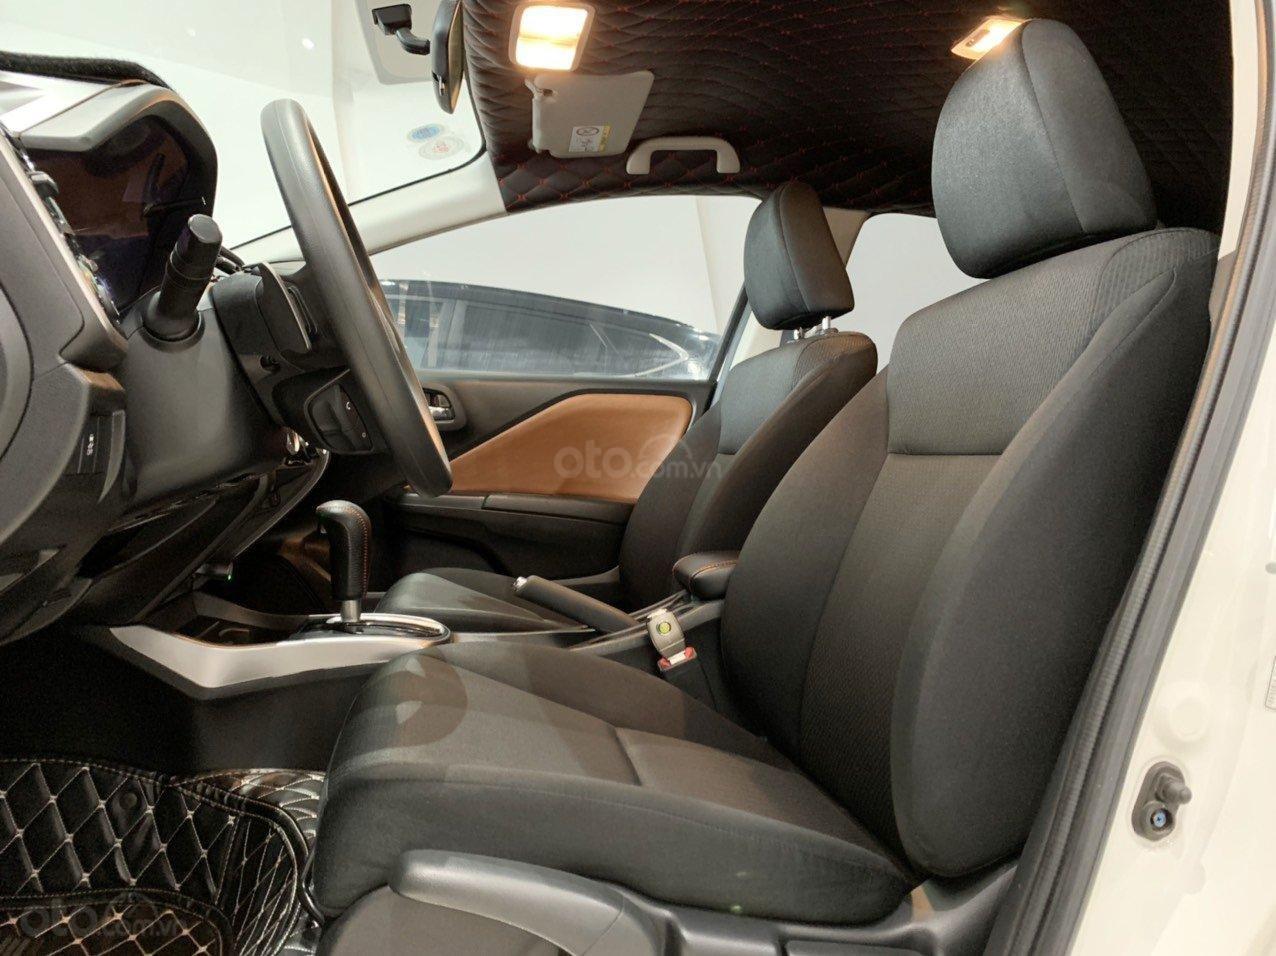 Bán xe Honda City xe gia đình, xe đẹp như mới, đi 67.000, trả góp chỉ 157 triệu (10)